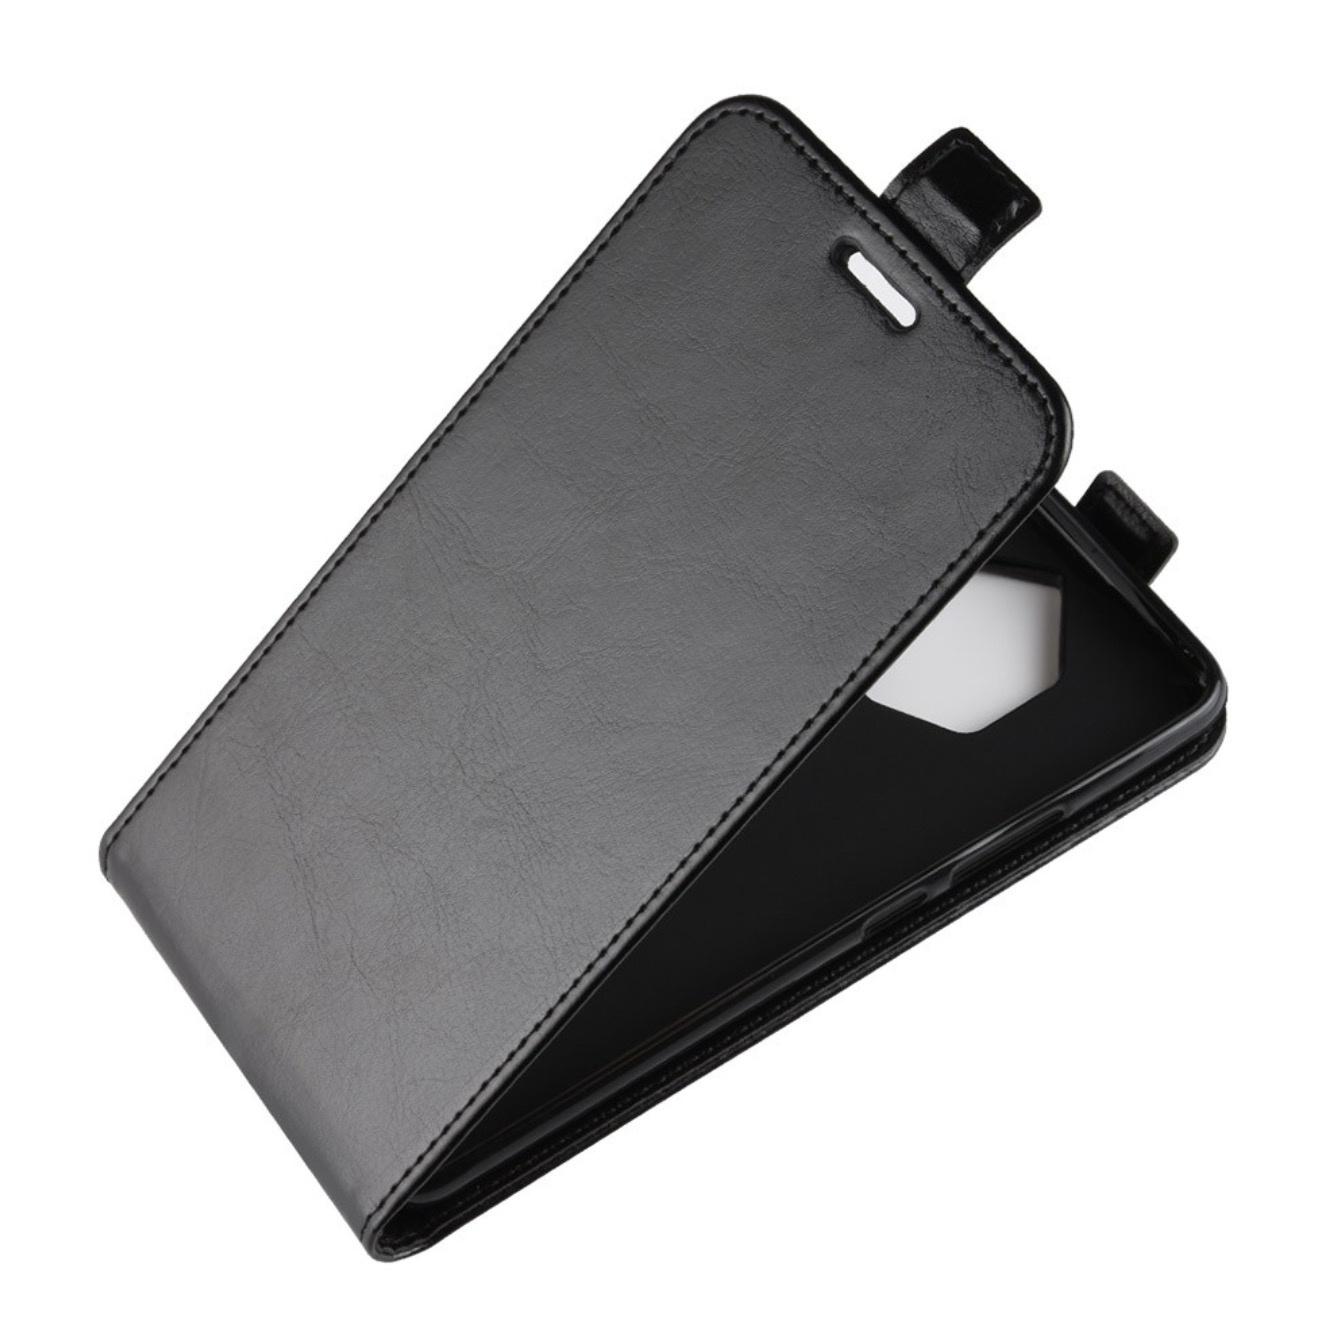 Чехол-флип MyPads для Fly IQ440 Energie вертикальный откидной черный аккумулятор для телефона craftmann bl4015 для fly iq440 energie